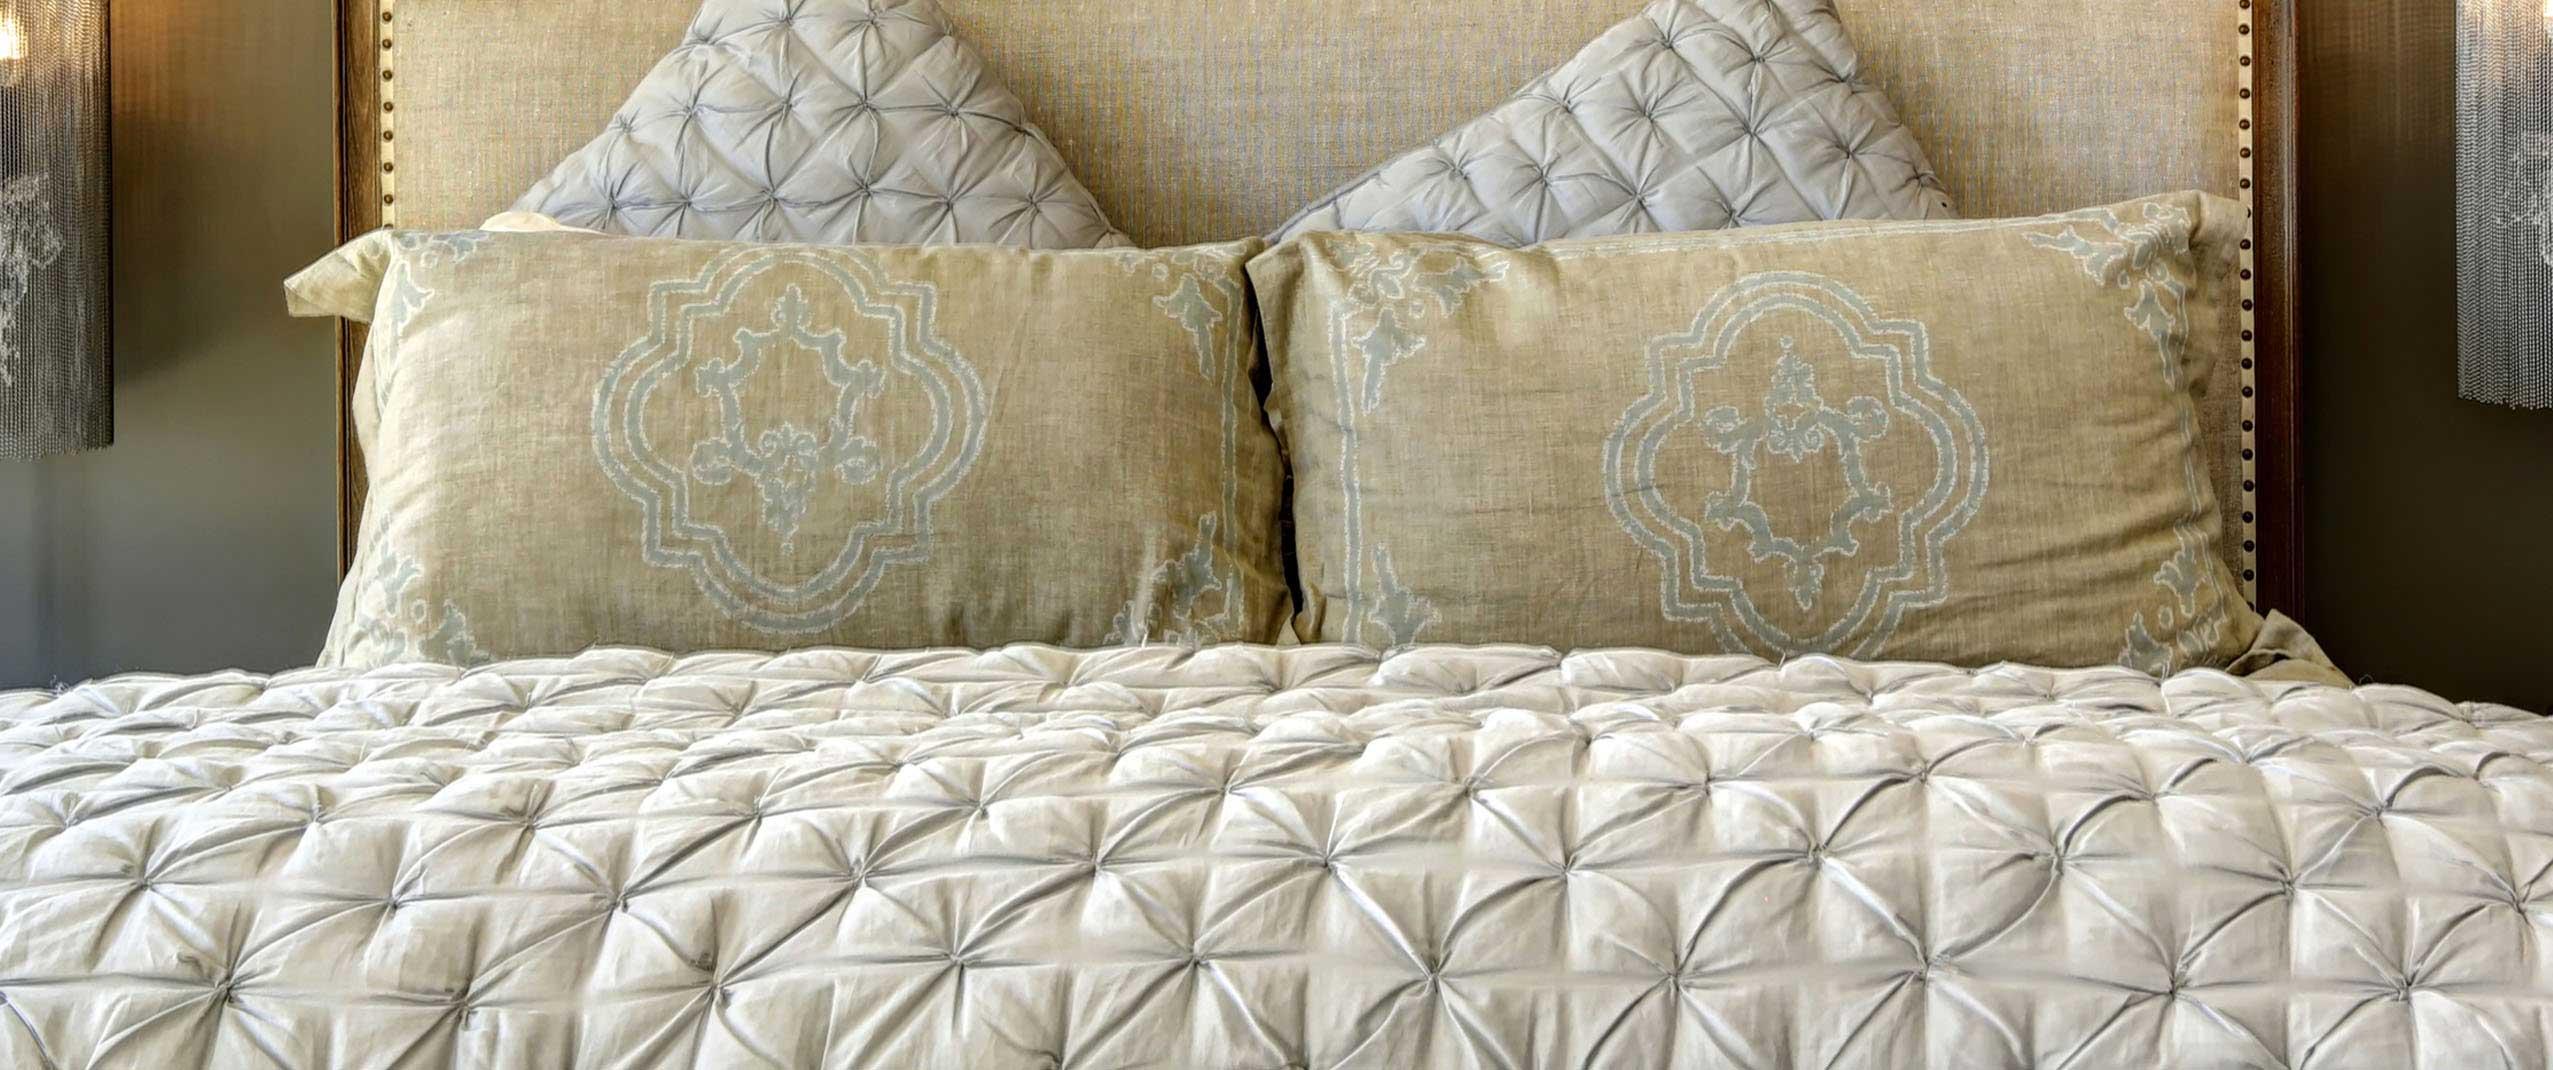 confeccion-tapiceros-artesanos